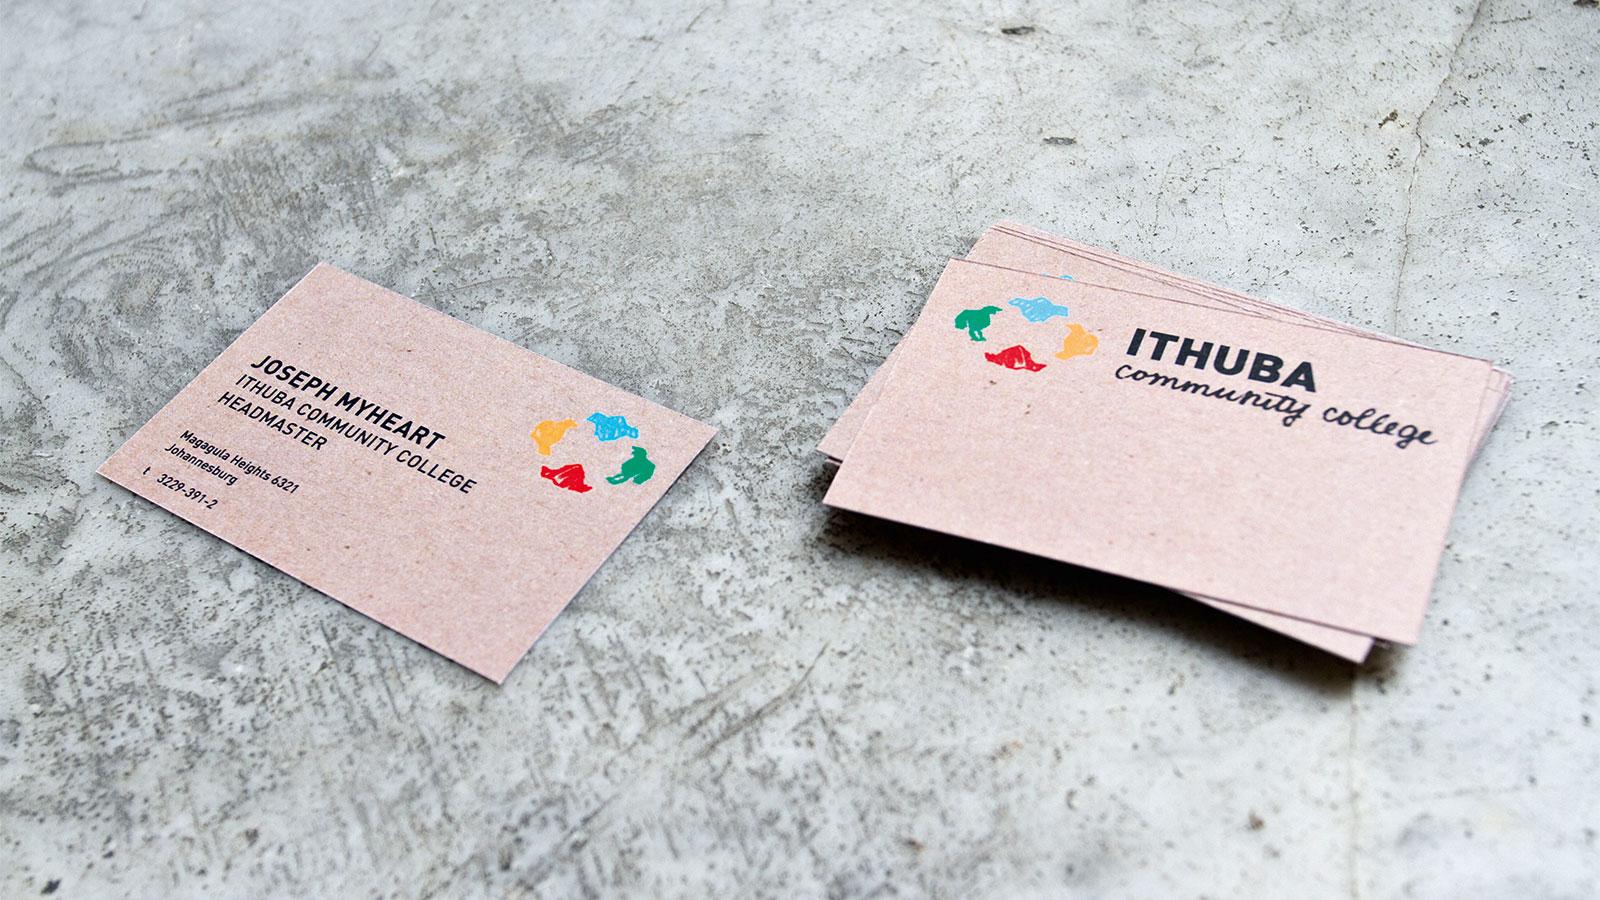 ithuba-1600x900-1